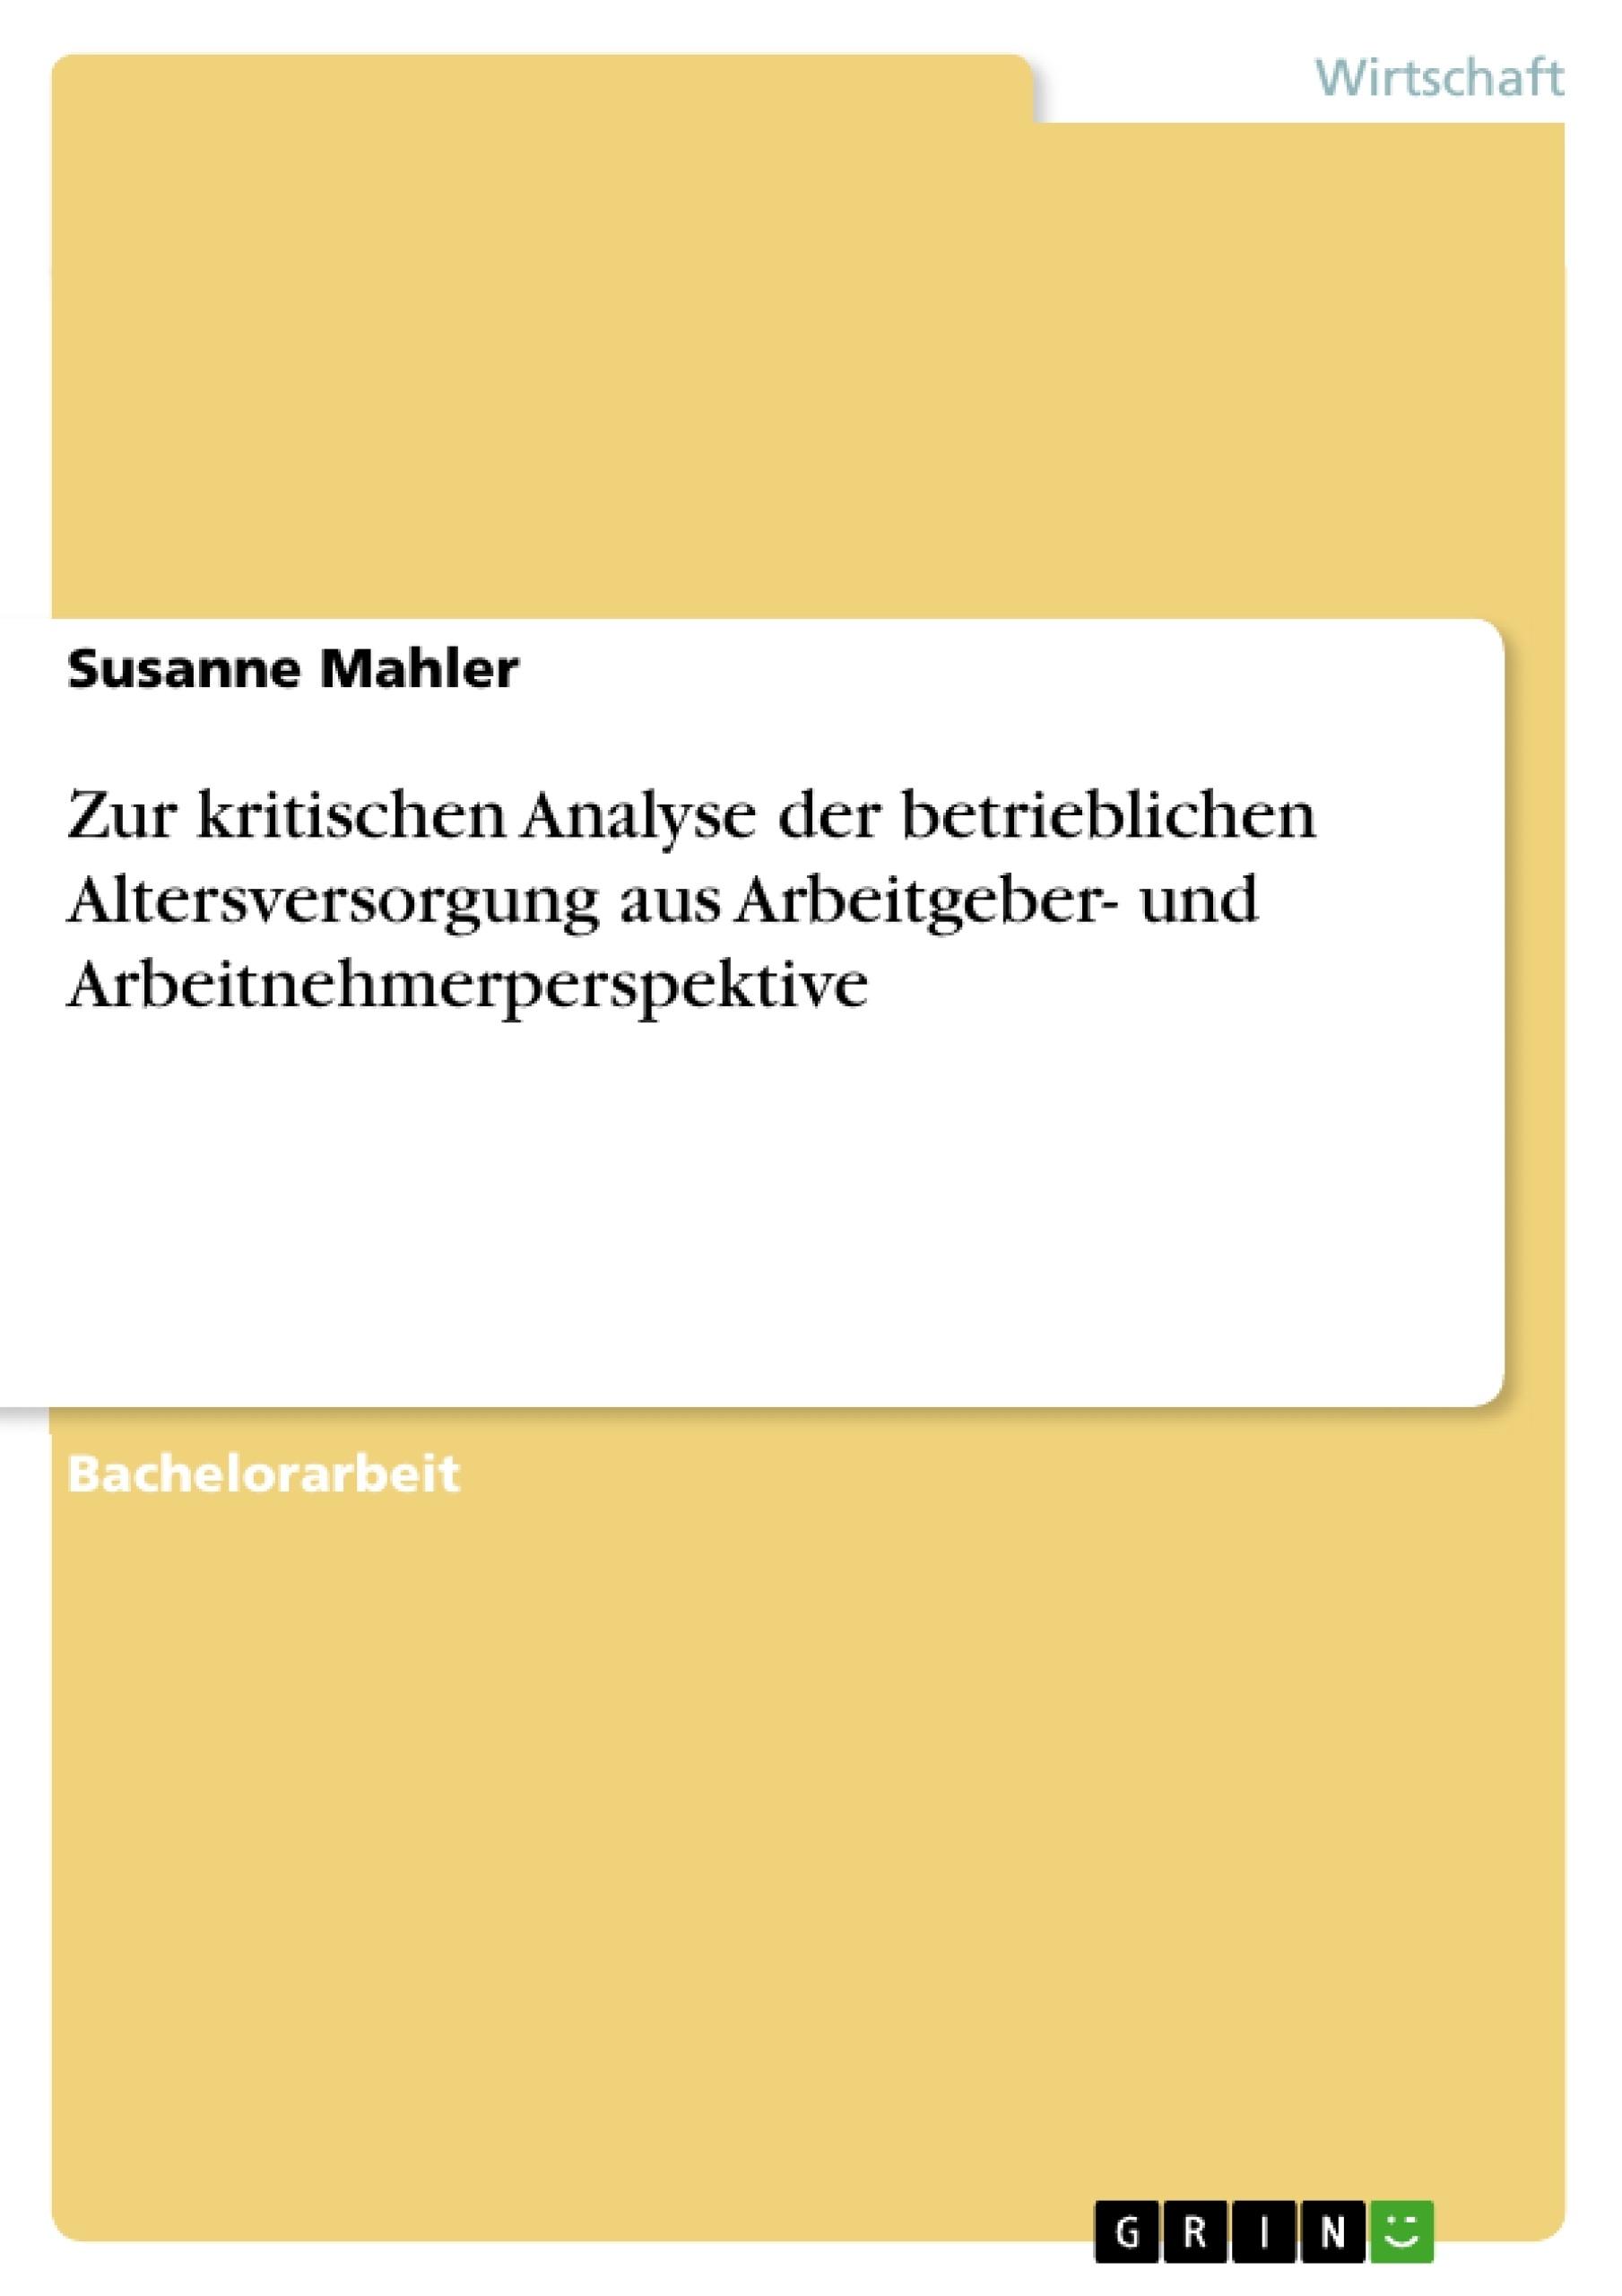 Titel: Zur kritischen Analyse der betrieblichen Altersversorgung aus Arbeitgeber- und Arbeitnehmerperspektive